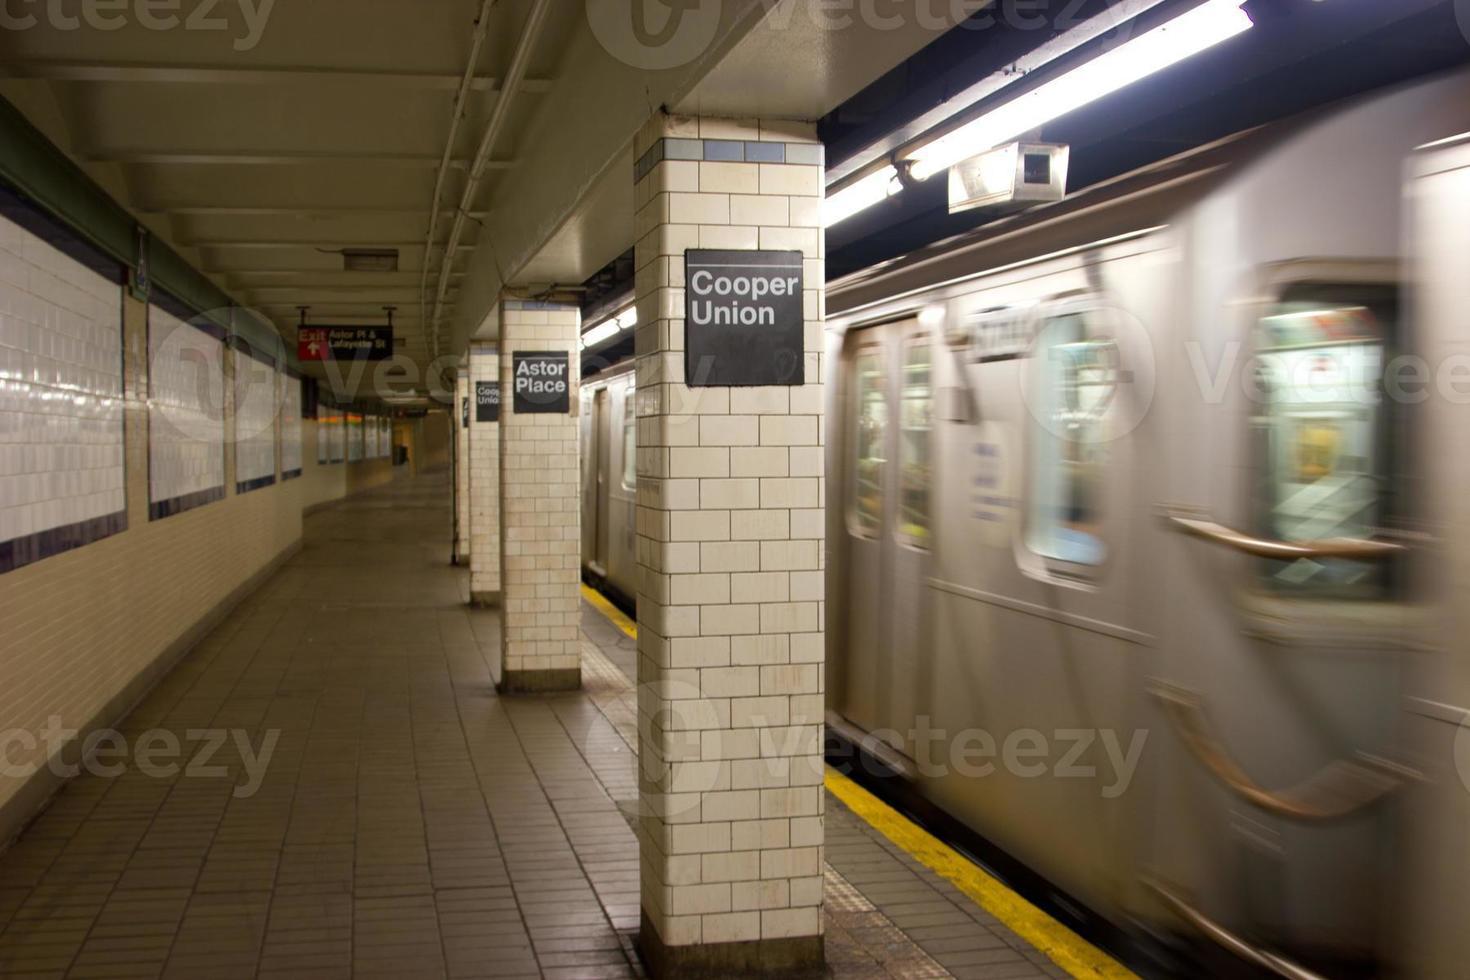 Cooper Union et station de métro Astor Place, New York photo